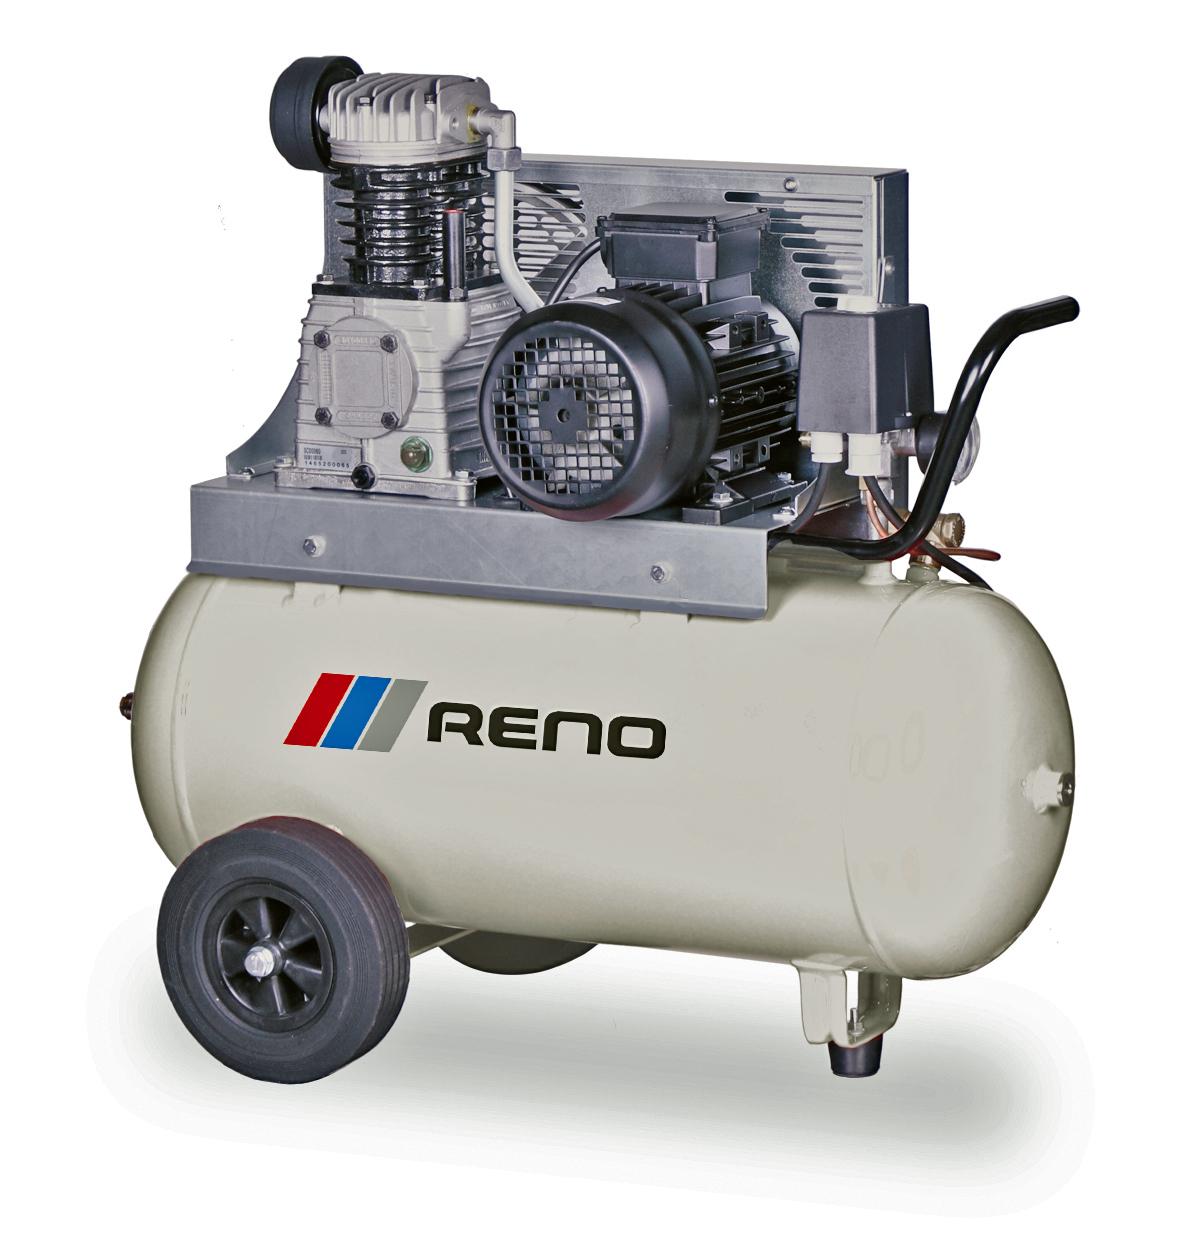 RENO 250/50 400 VOLT Image